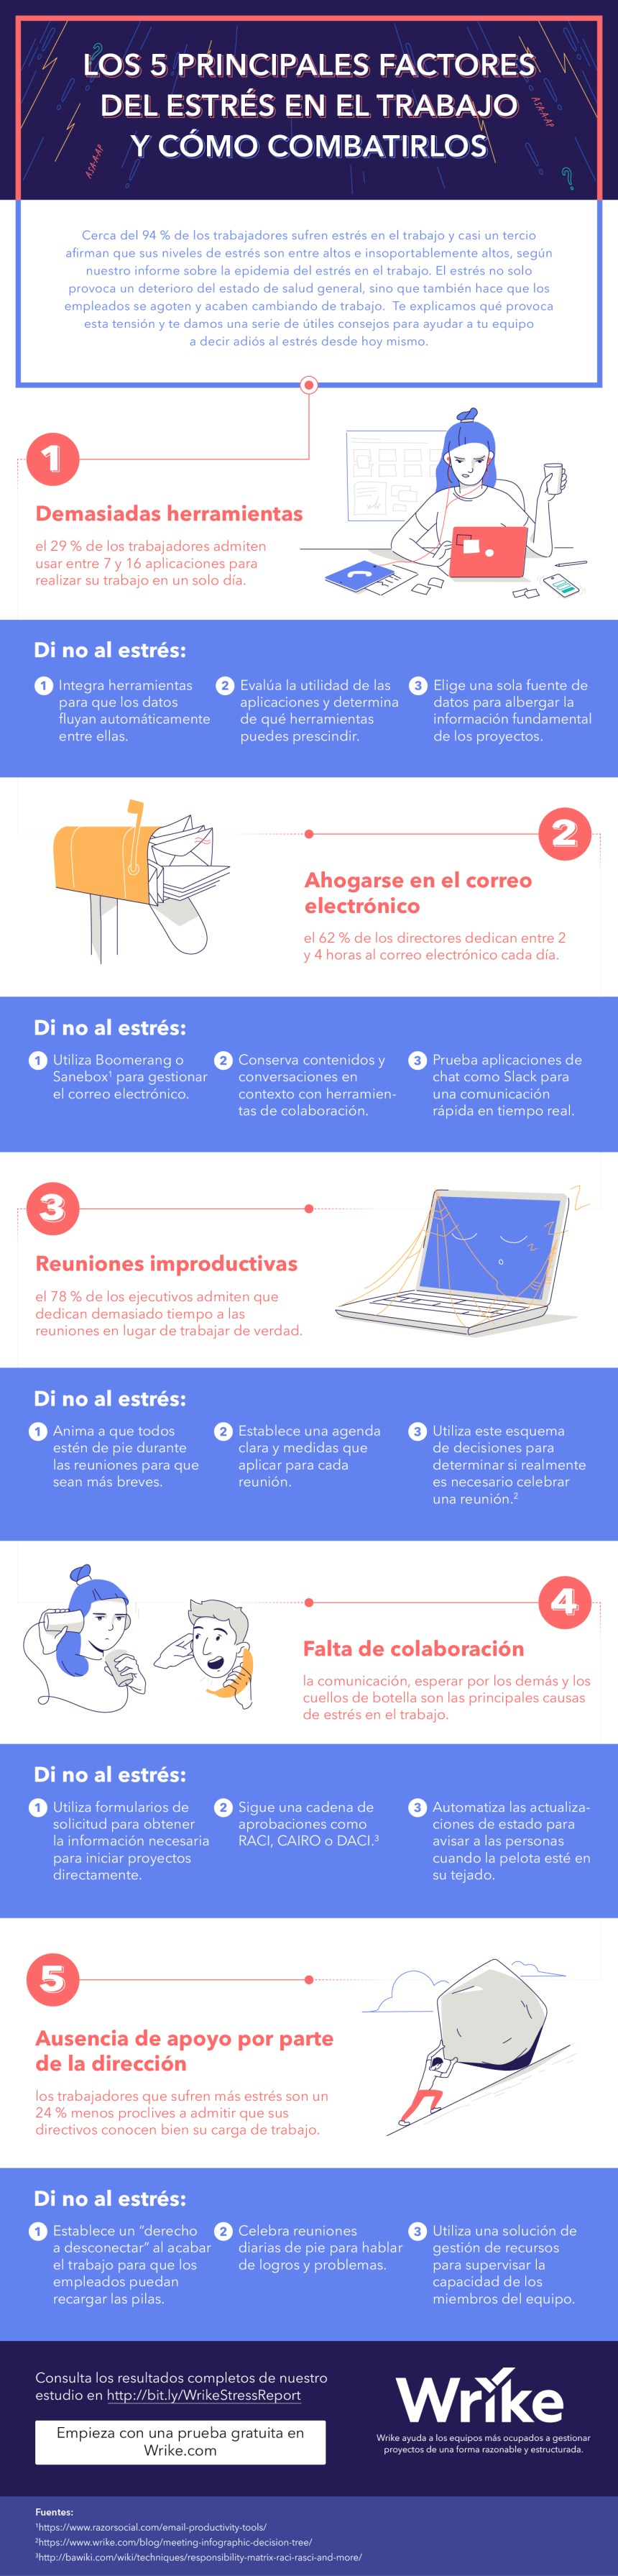 5 principales factores del estrés en el trabajo y cómo combatirlos